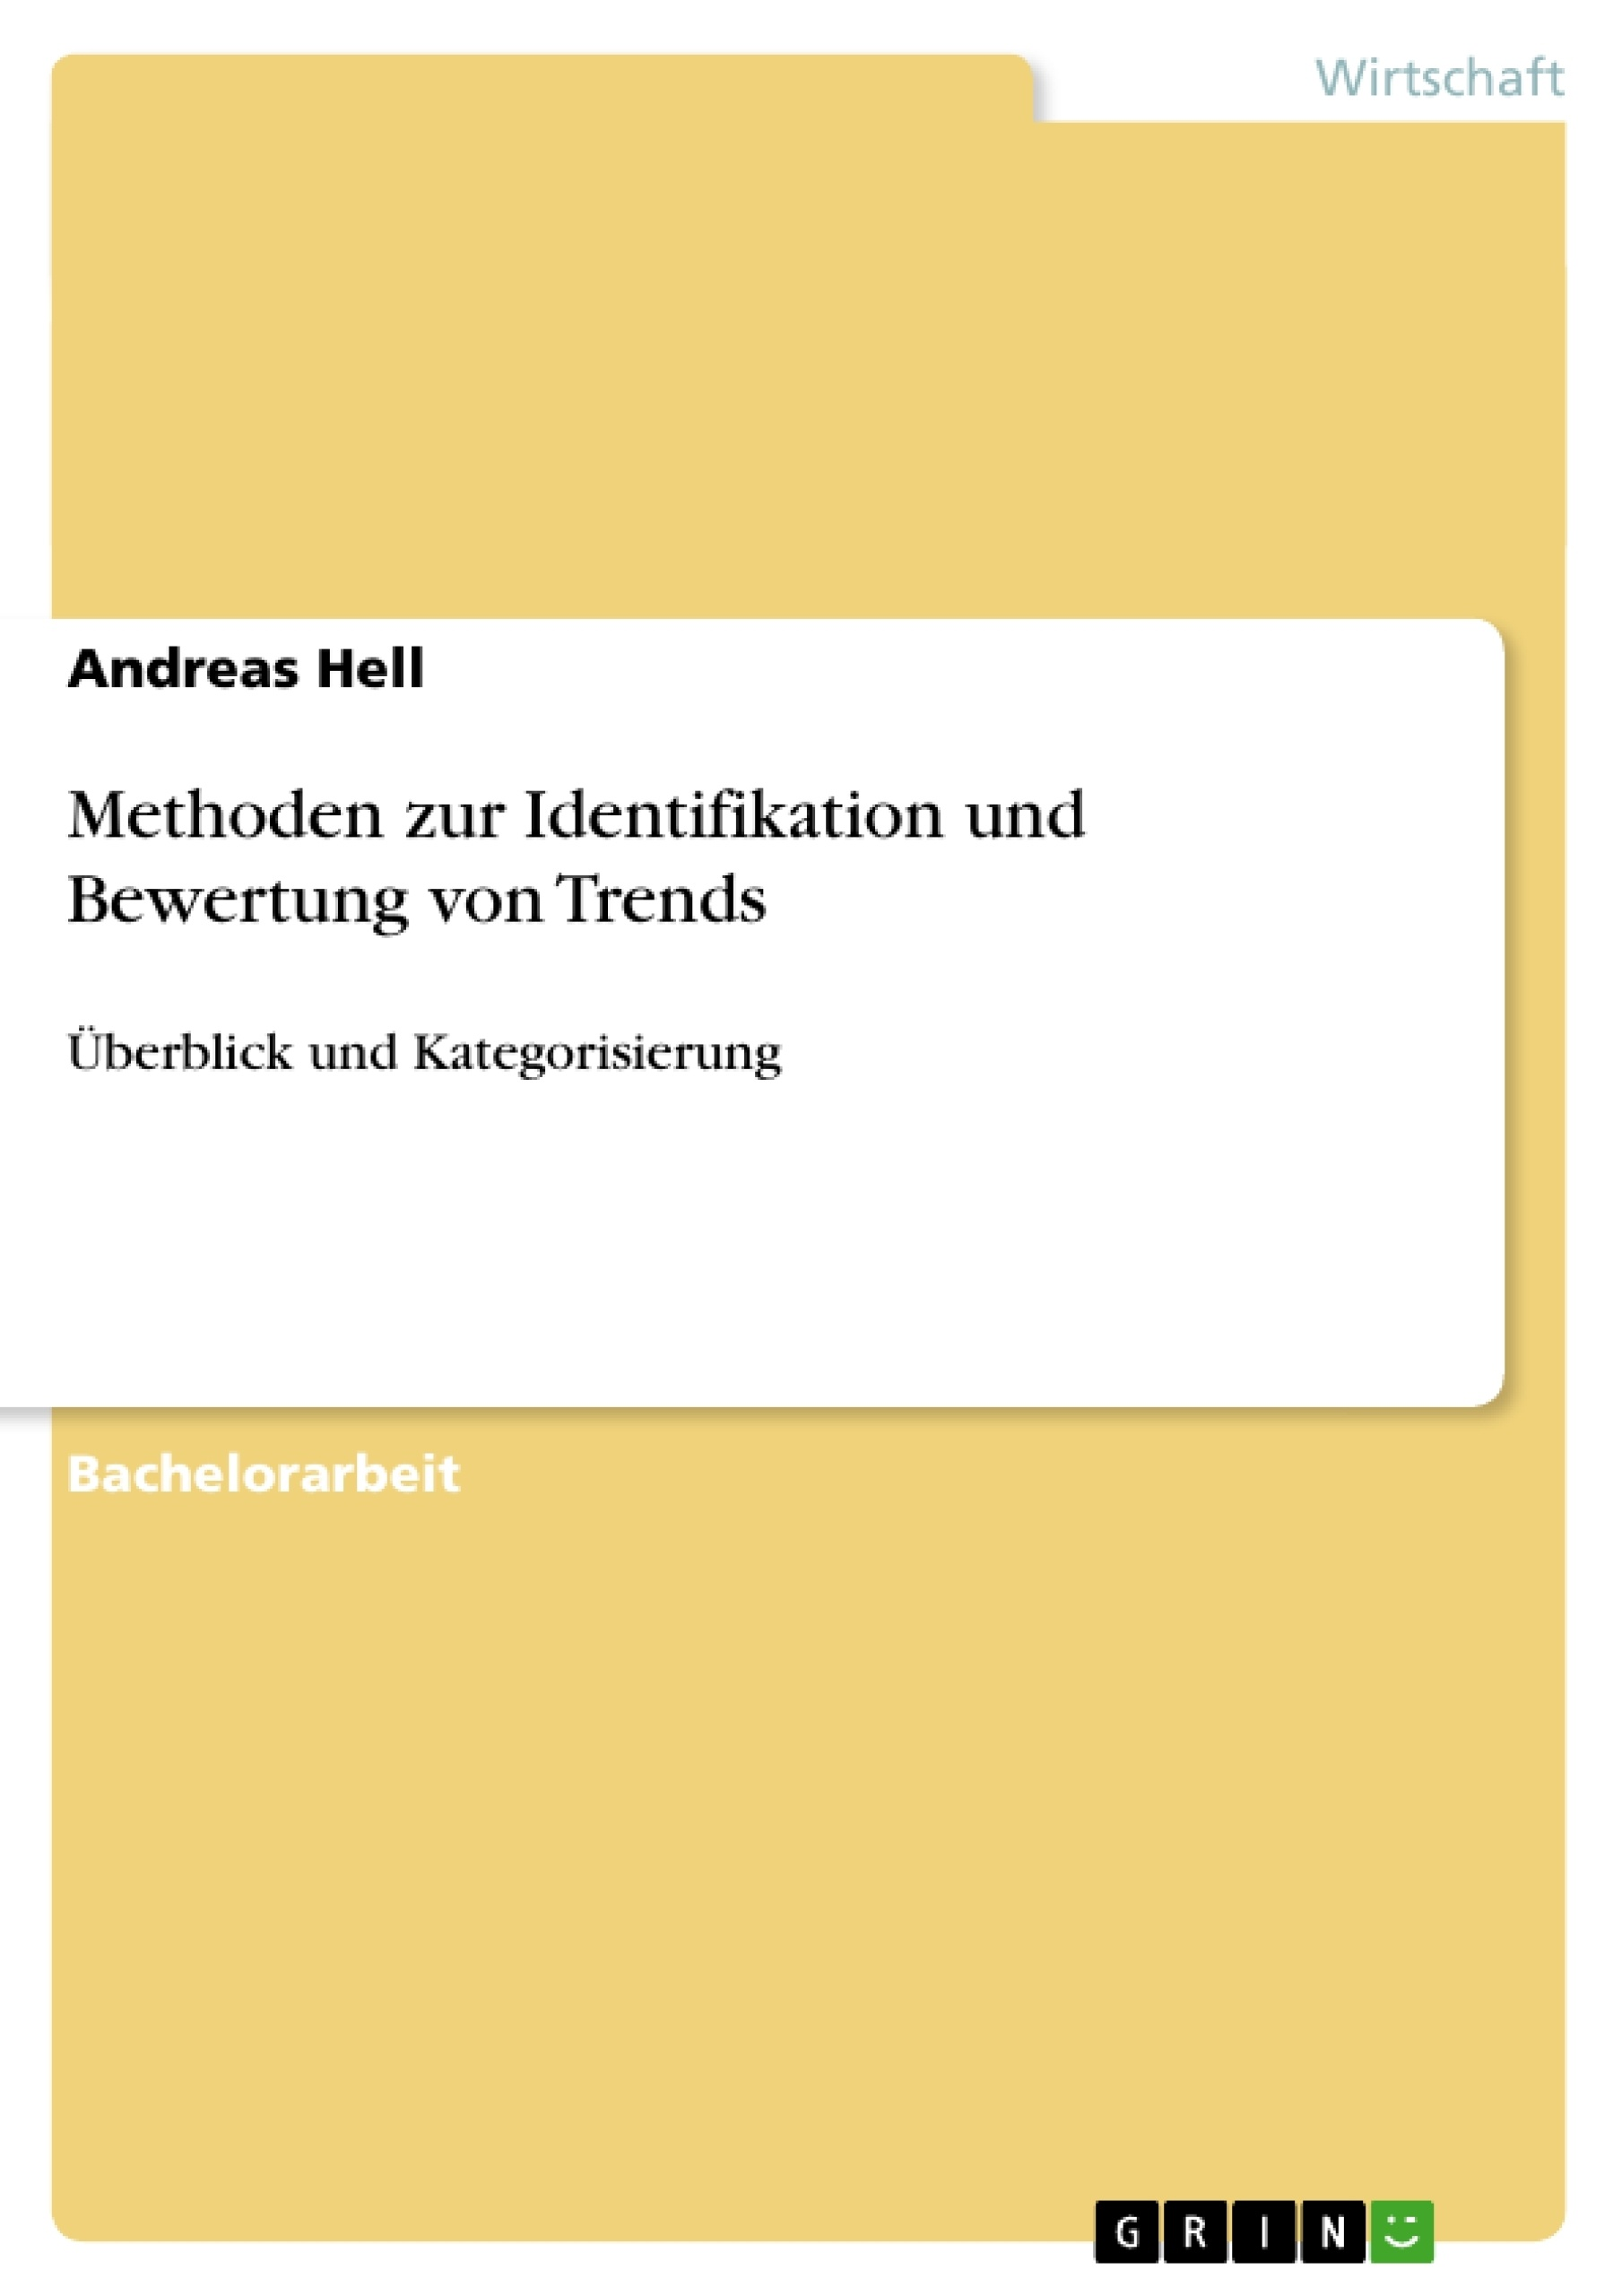 Methoden zur Identifikation und Bewertung von Trends   Masterarbeit ...